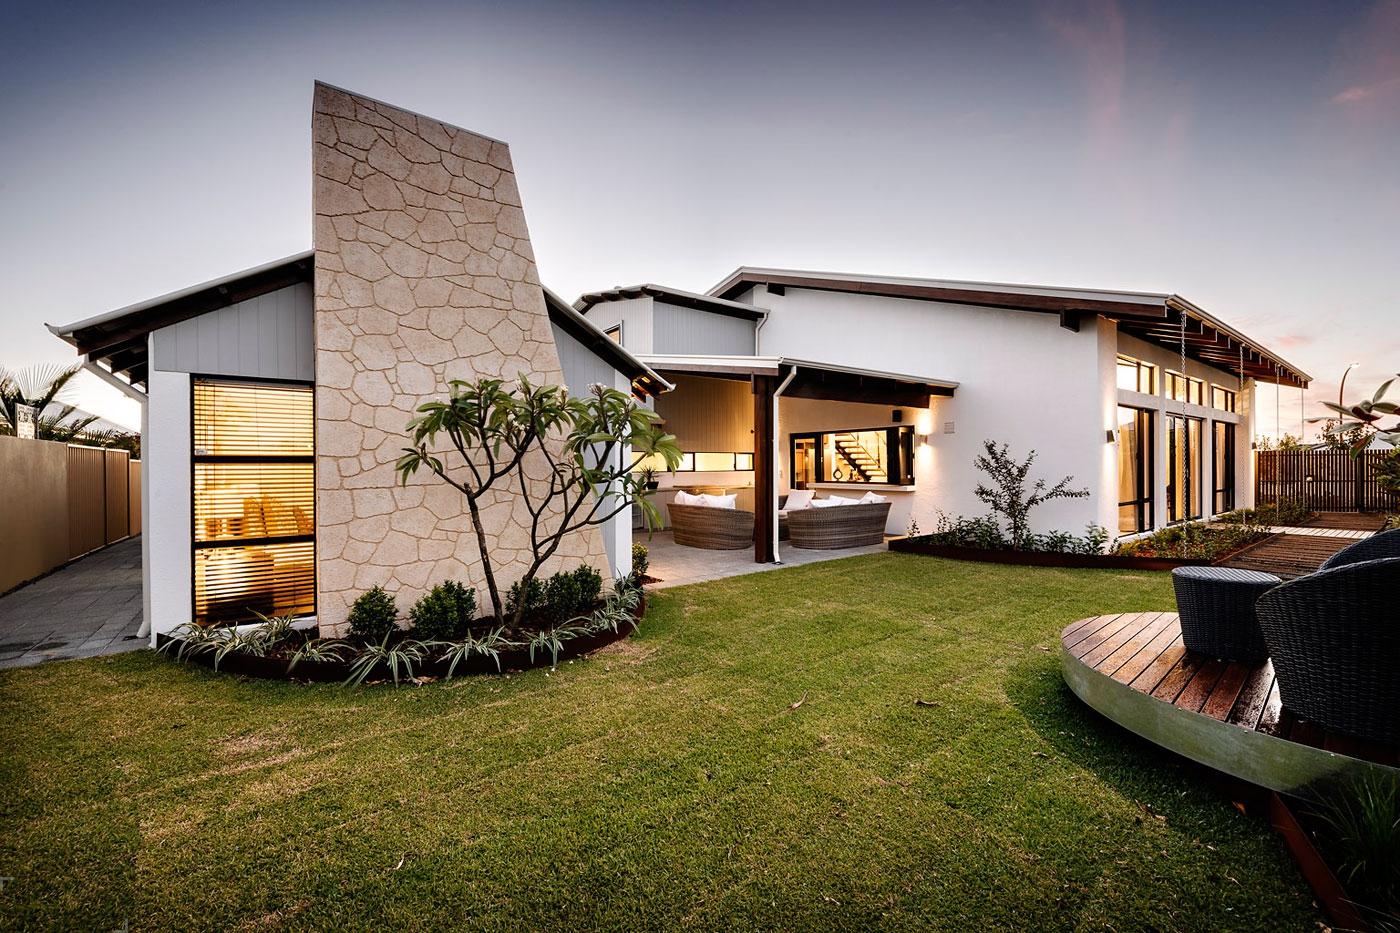 Дом в стиле лофт с ярким интерьером в городе Перт, Австралия